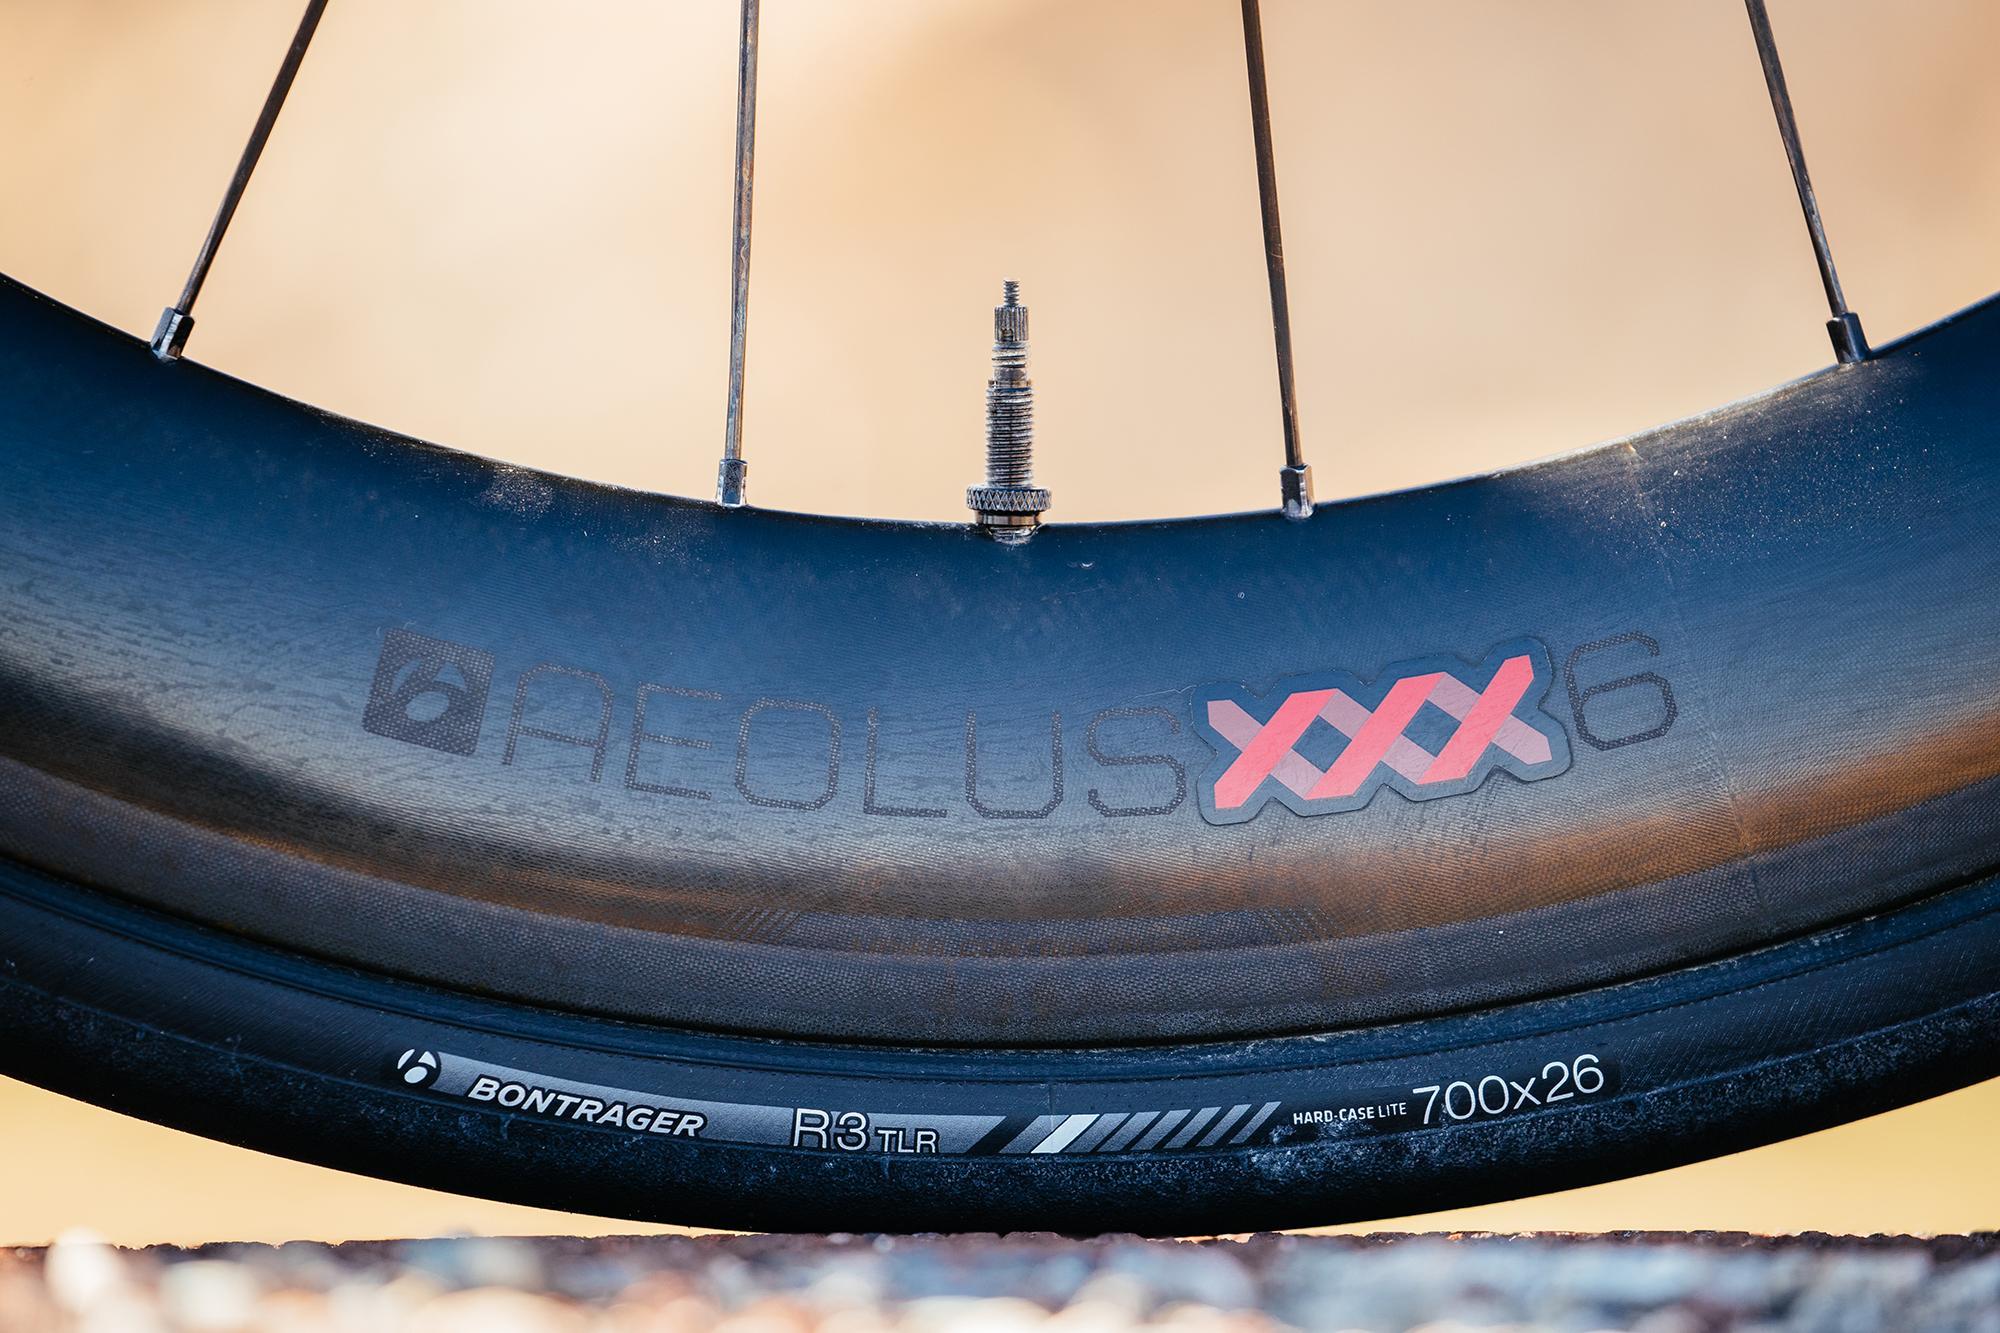 Aeolus XXX6